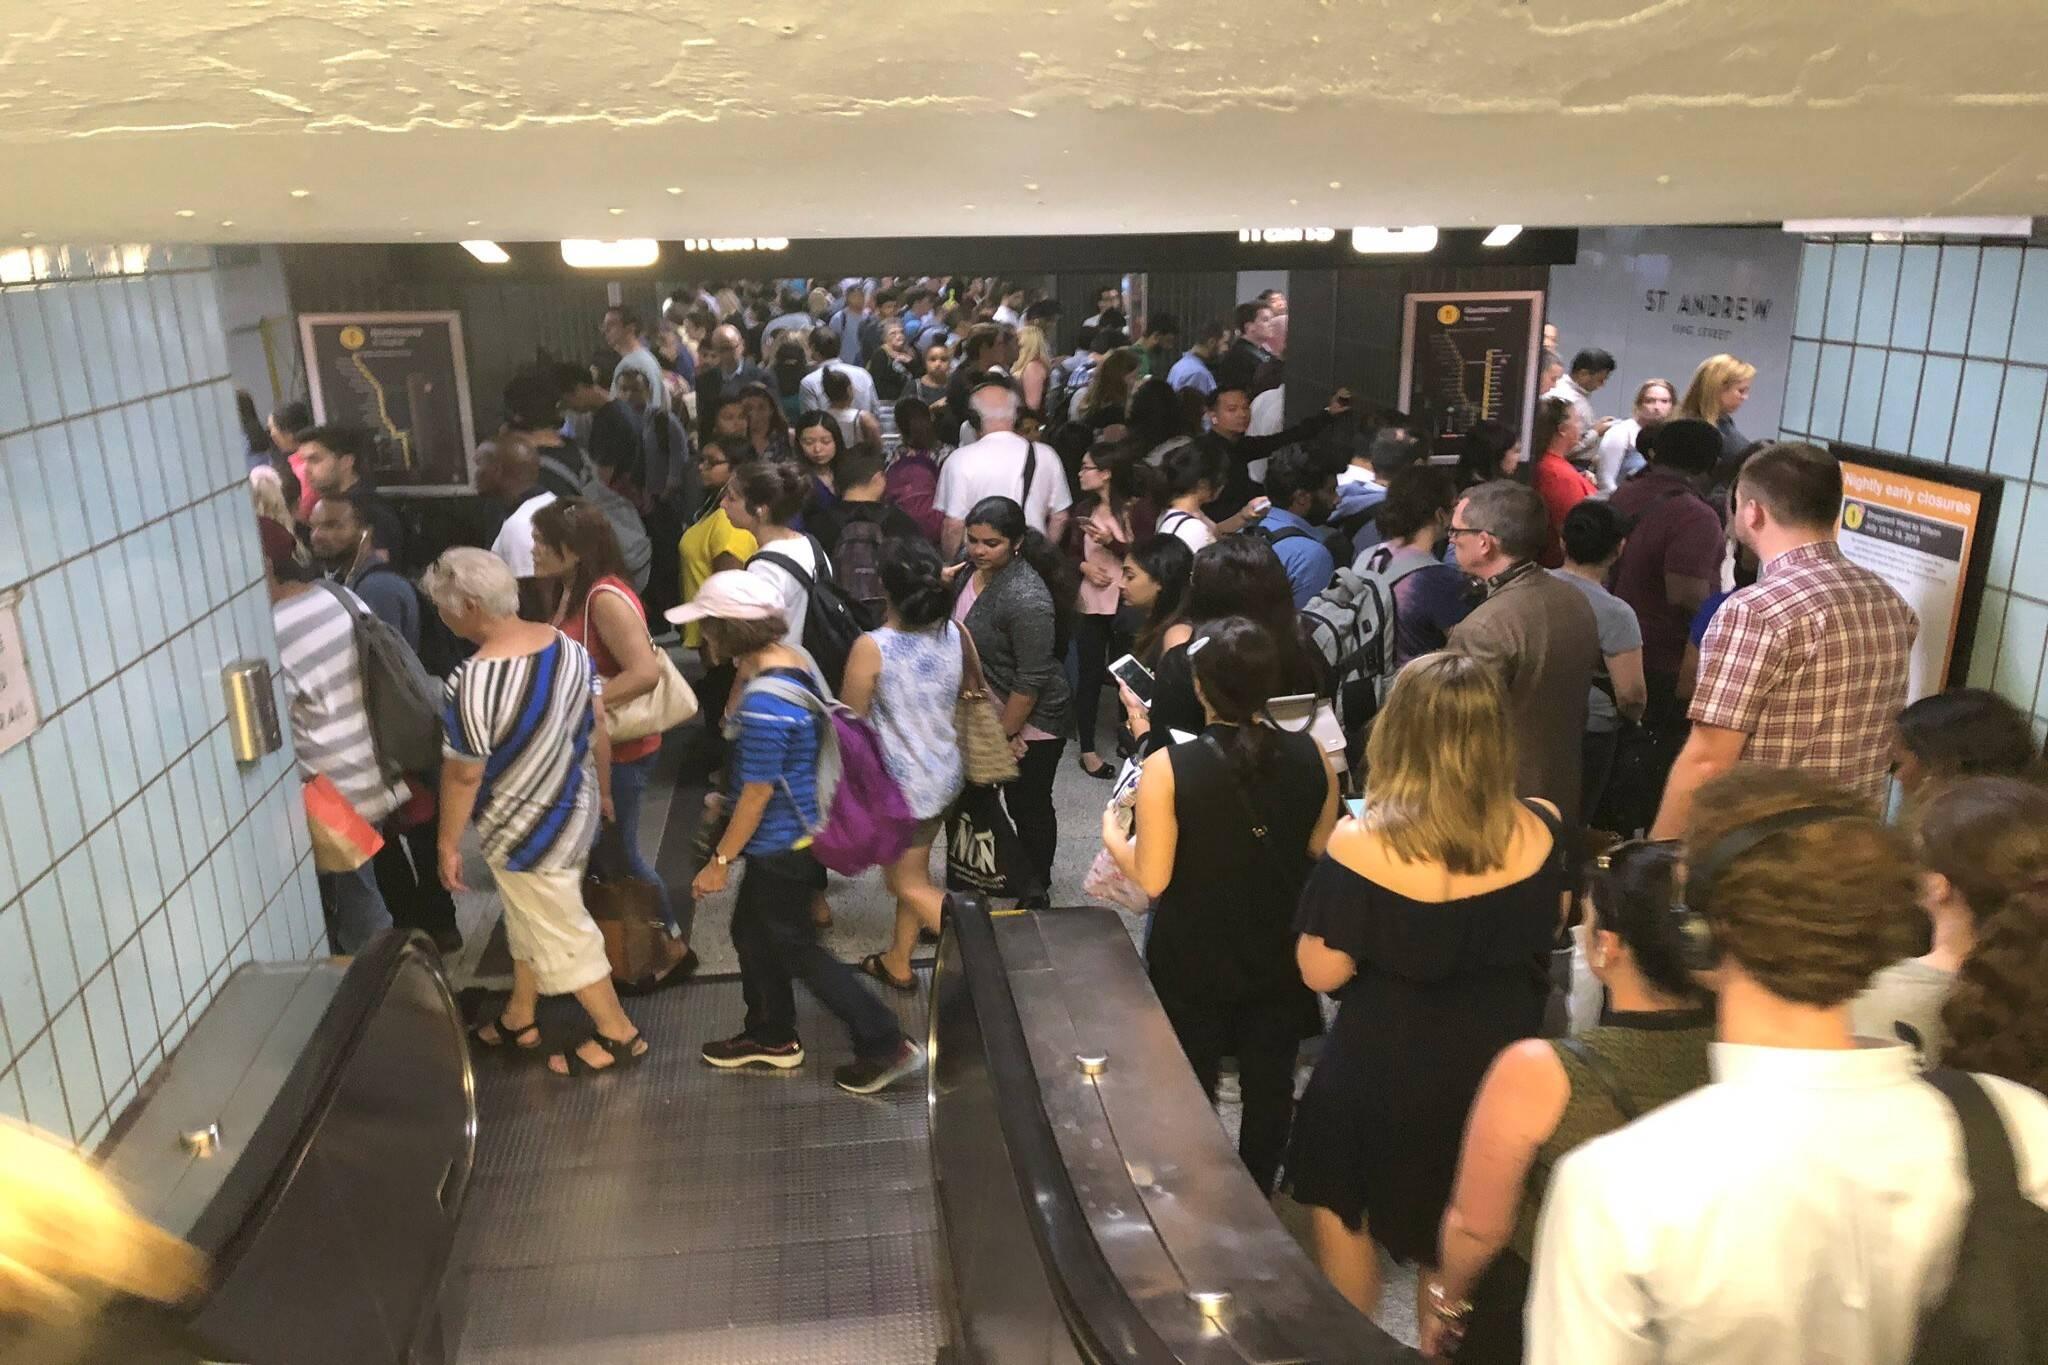 subway delays ttc